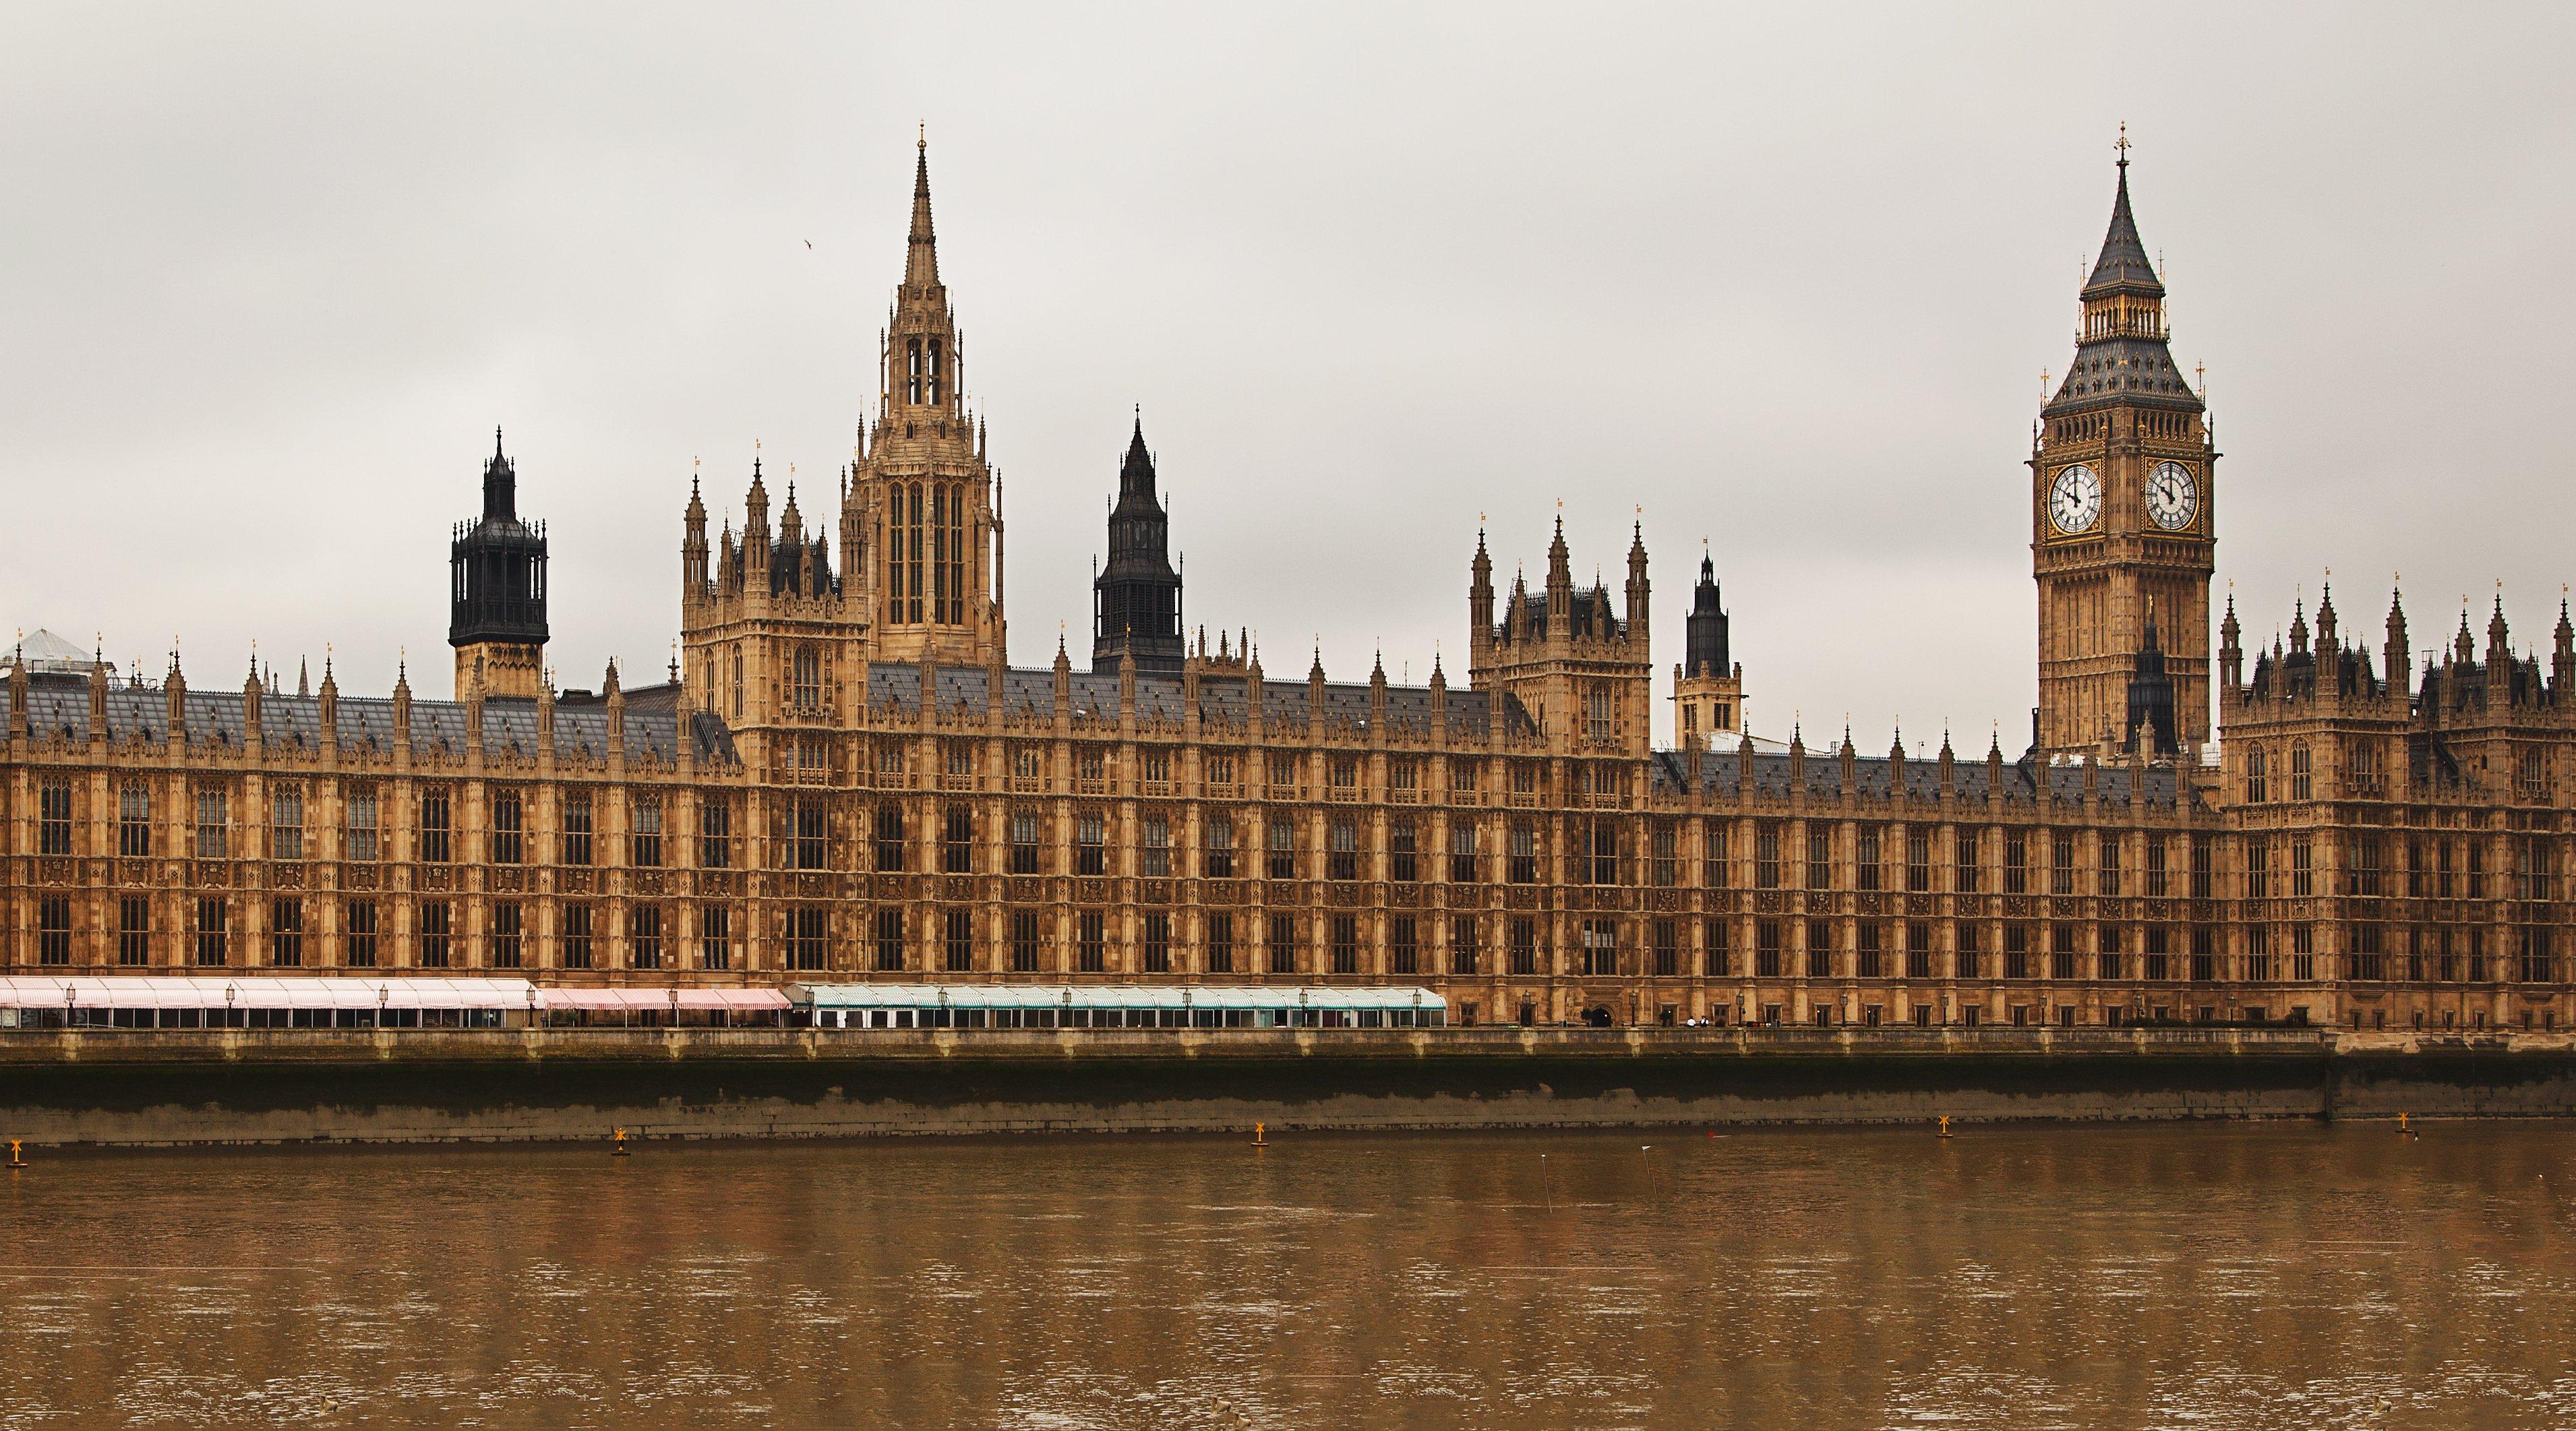 Hotelet Londër Bujtina Strehim Angli Londër Pass Prenotim Në Të Gjithë Botën çmim Të Ulët Të Lirë